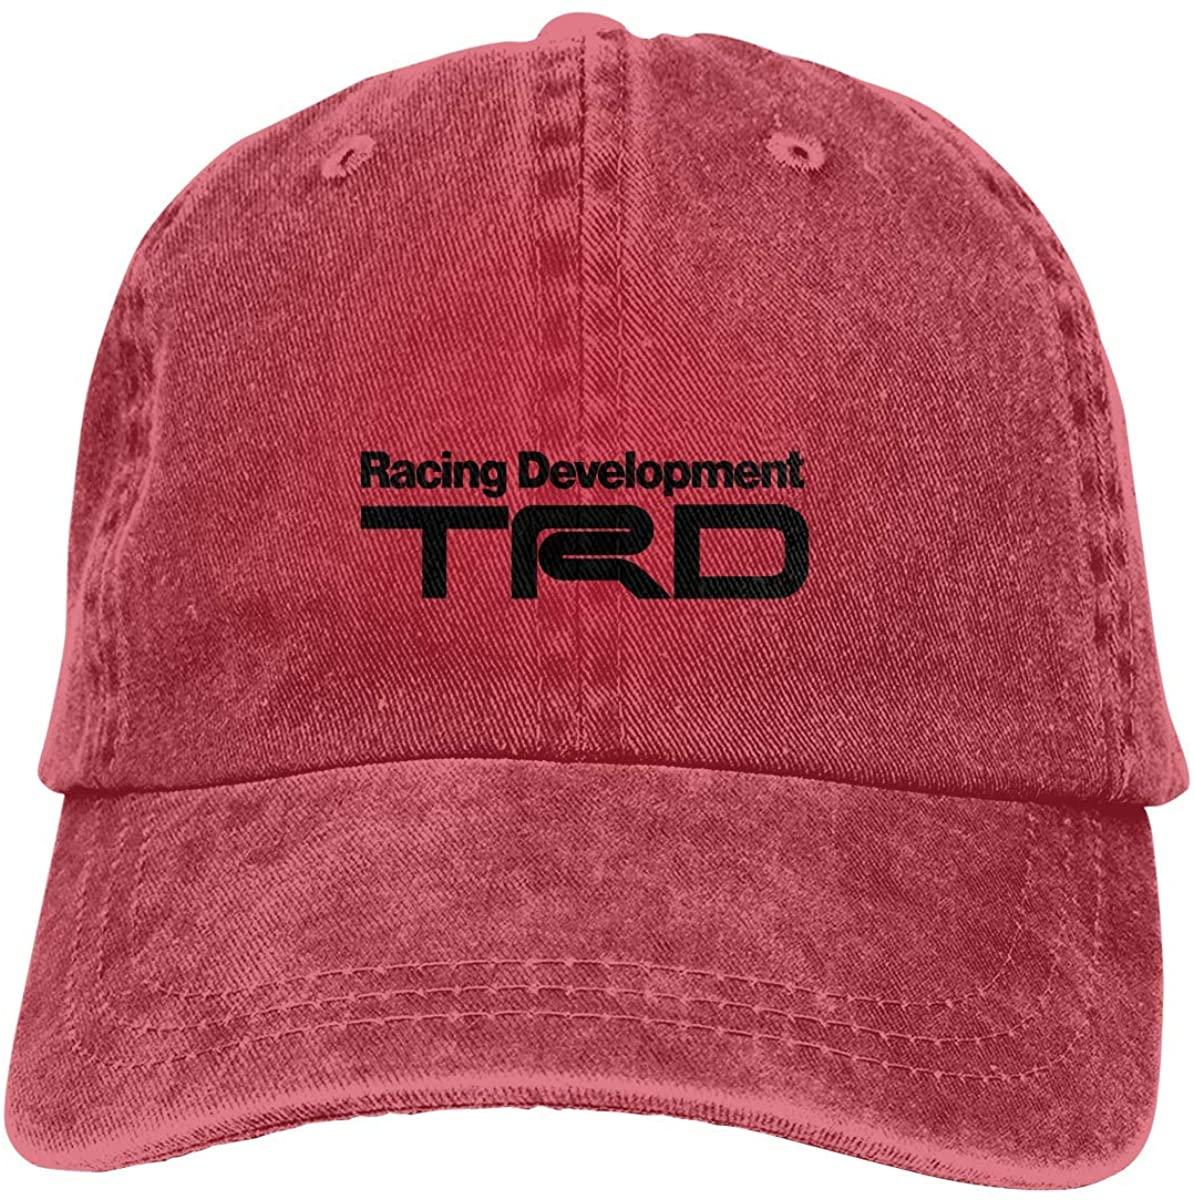 Racing Development TRD Adjustable Baseball Caps Denim Hats Cowboy Hat Cap for Men Women Sport Outdoor